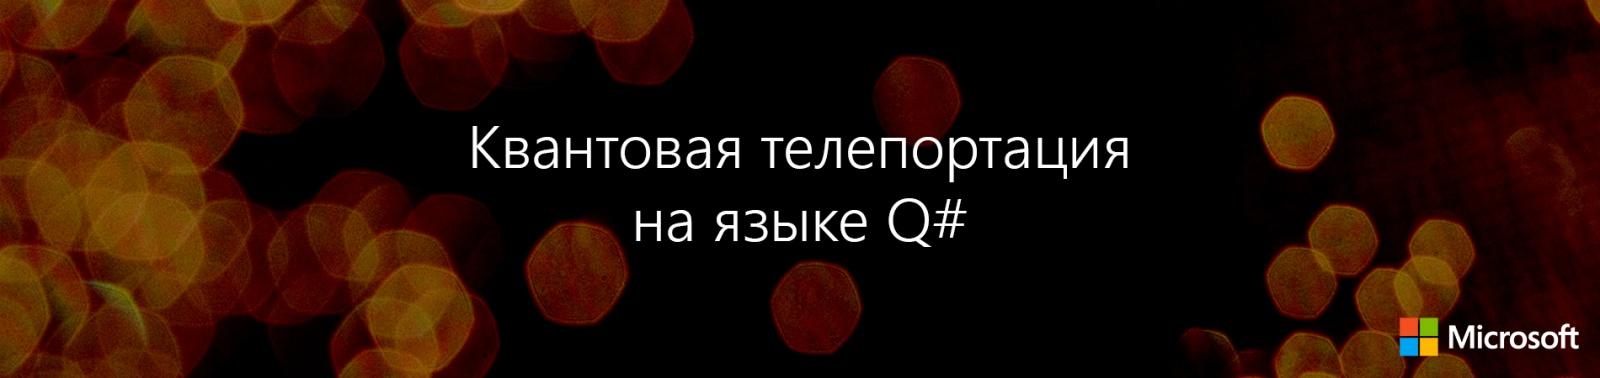 Квантовая телепортация на языке Q# - 1